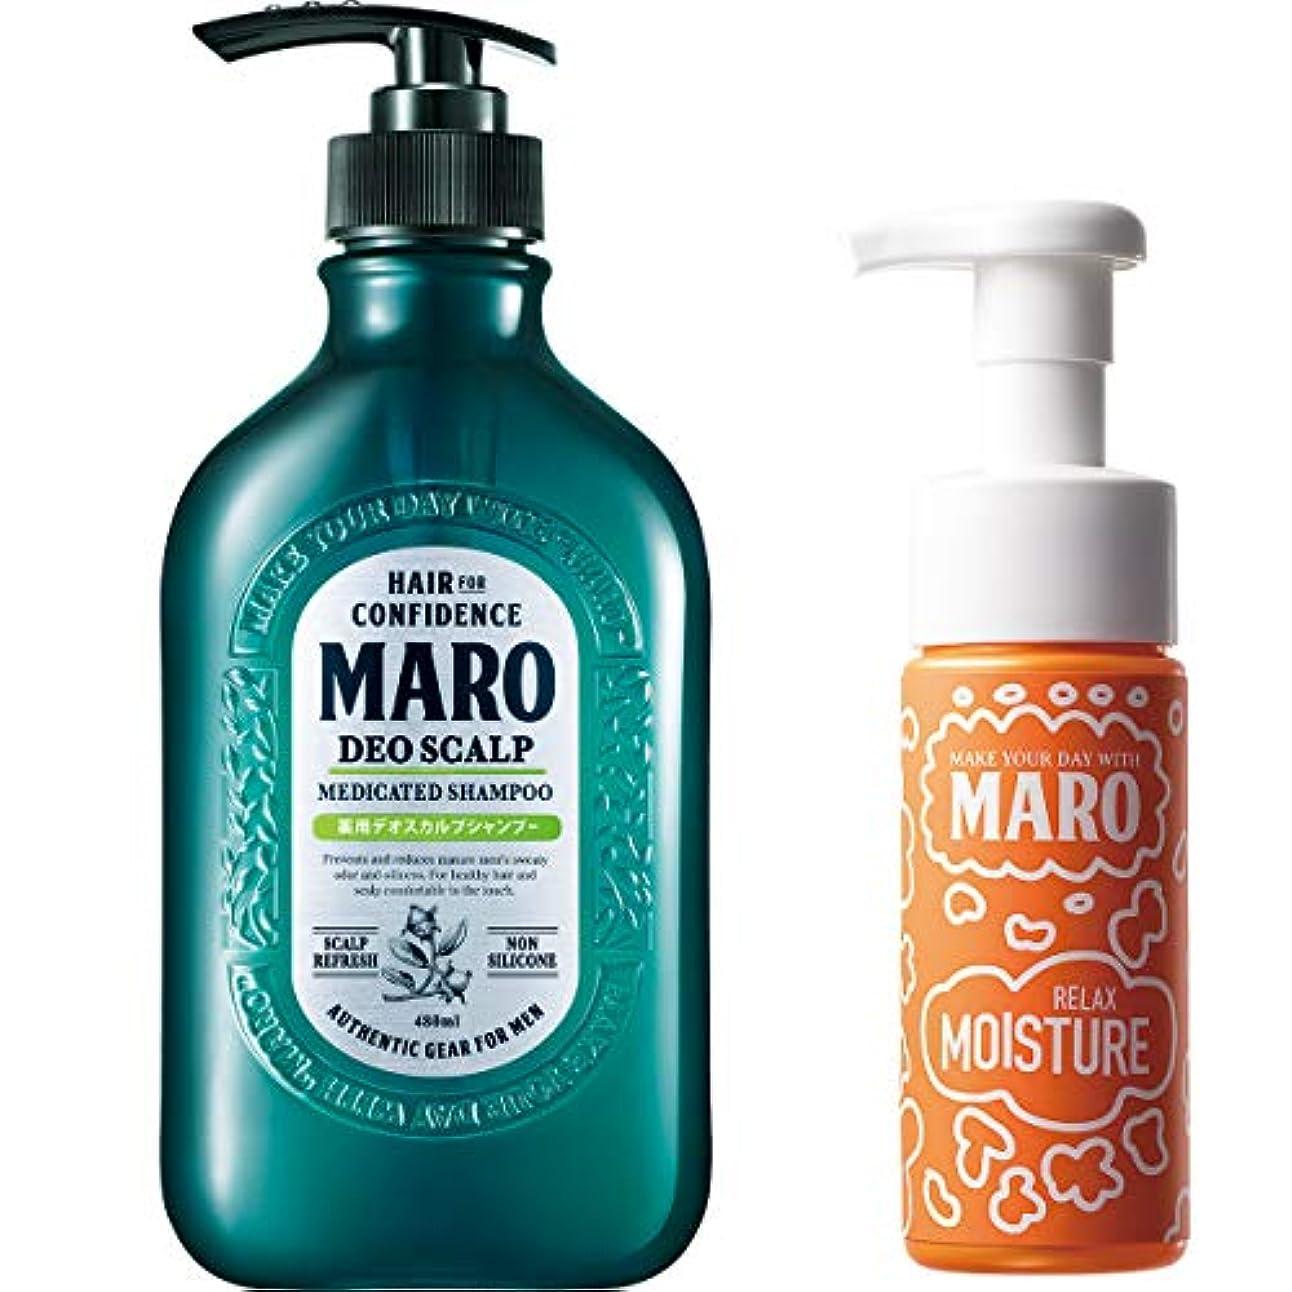 口述礼拝促すMARO(マーロ) 薬用デオスカルプシャンプー 泡洗顔付き セット 480ml+150ml